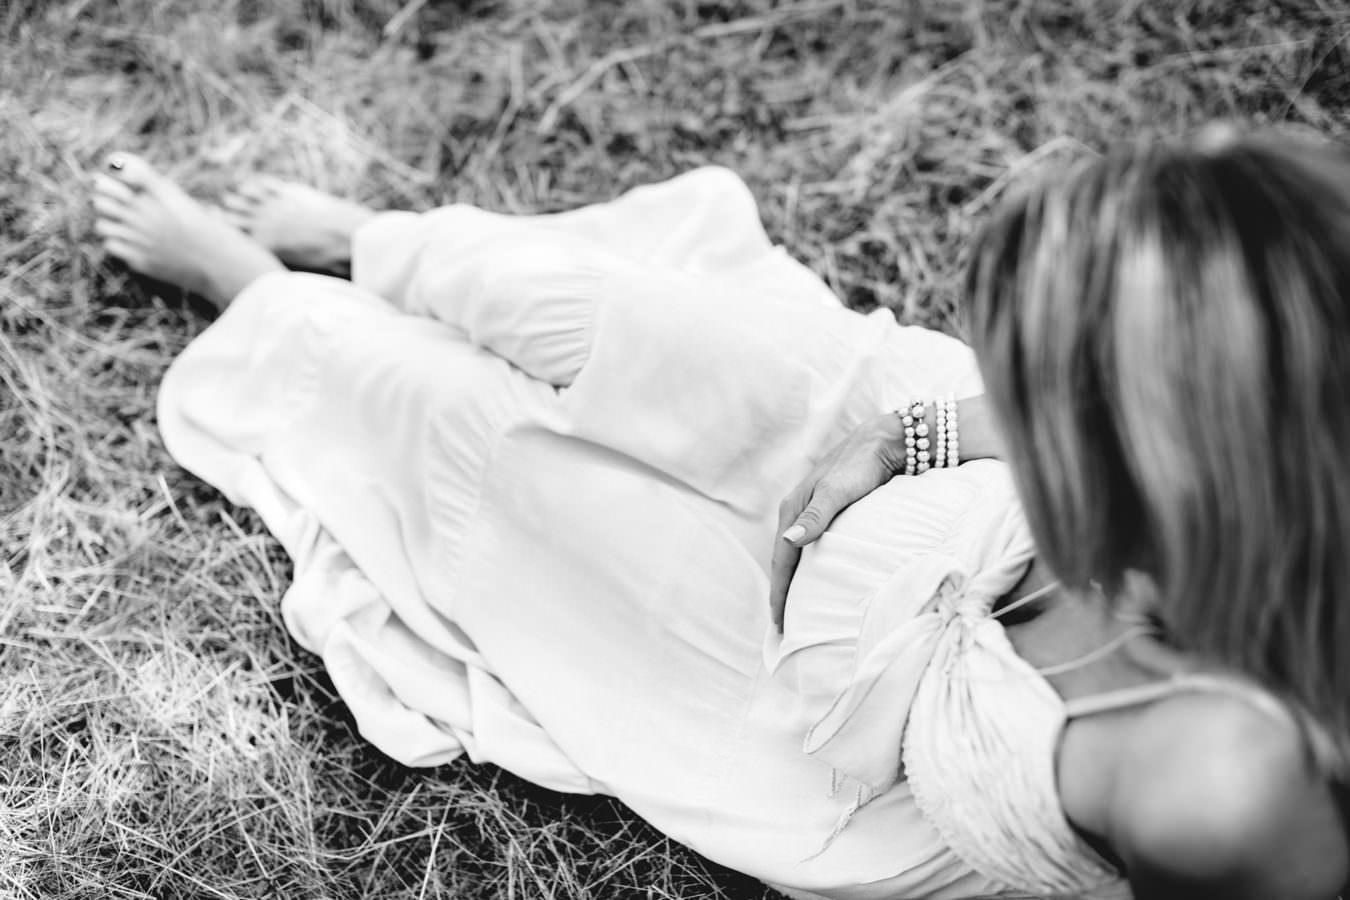 Eine Dame mit Babybauch auf einer Wiese sitzend